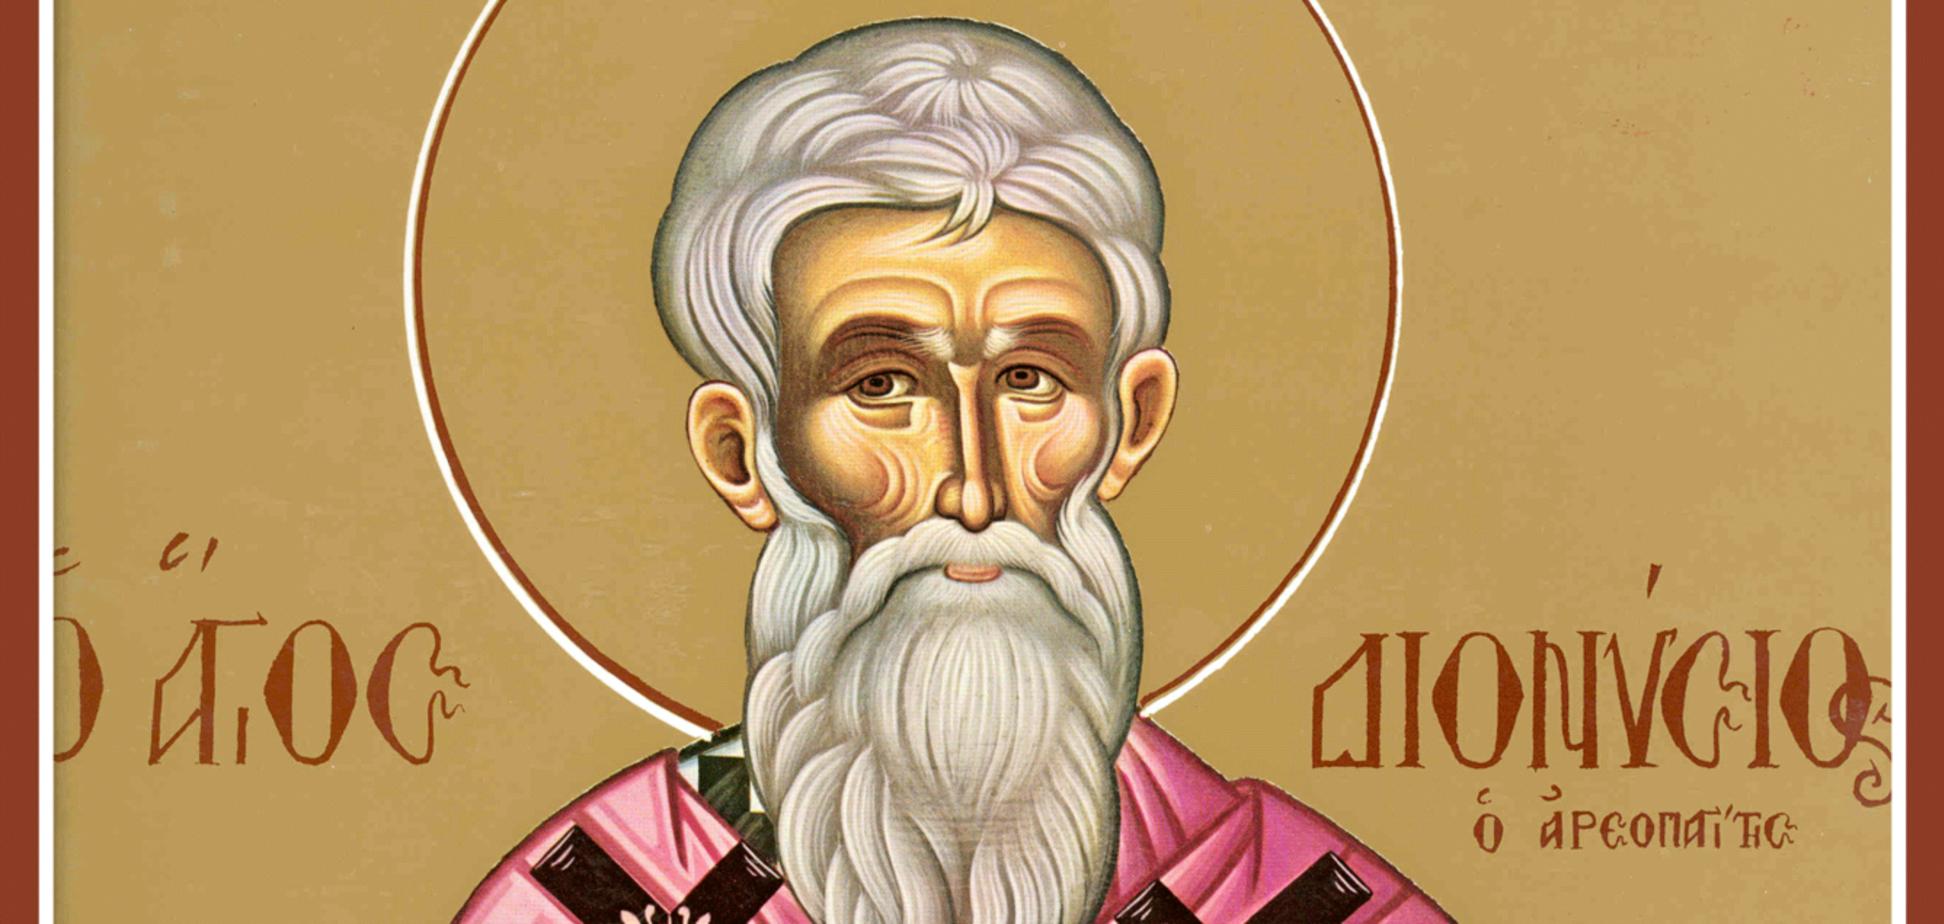 Діонісій Ареопагіт – учень апостола Павла, перший єпископ Афін